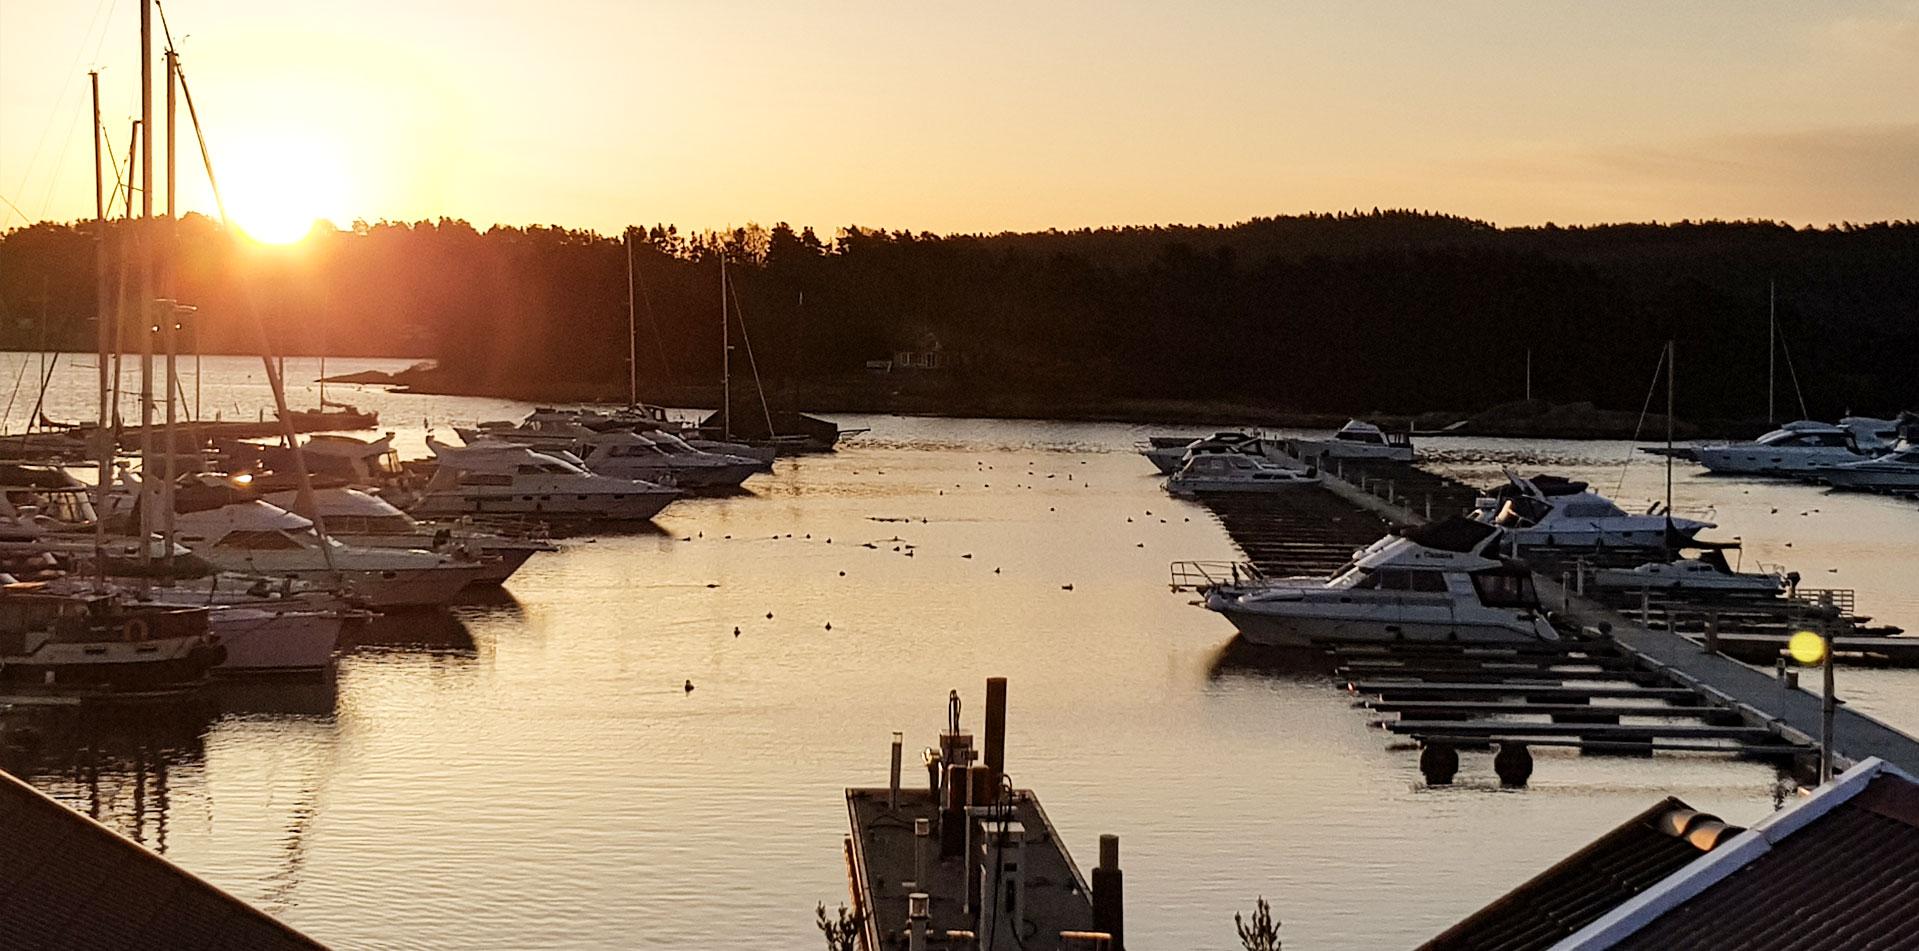 BIlde av båtplassen i solnedgang